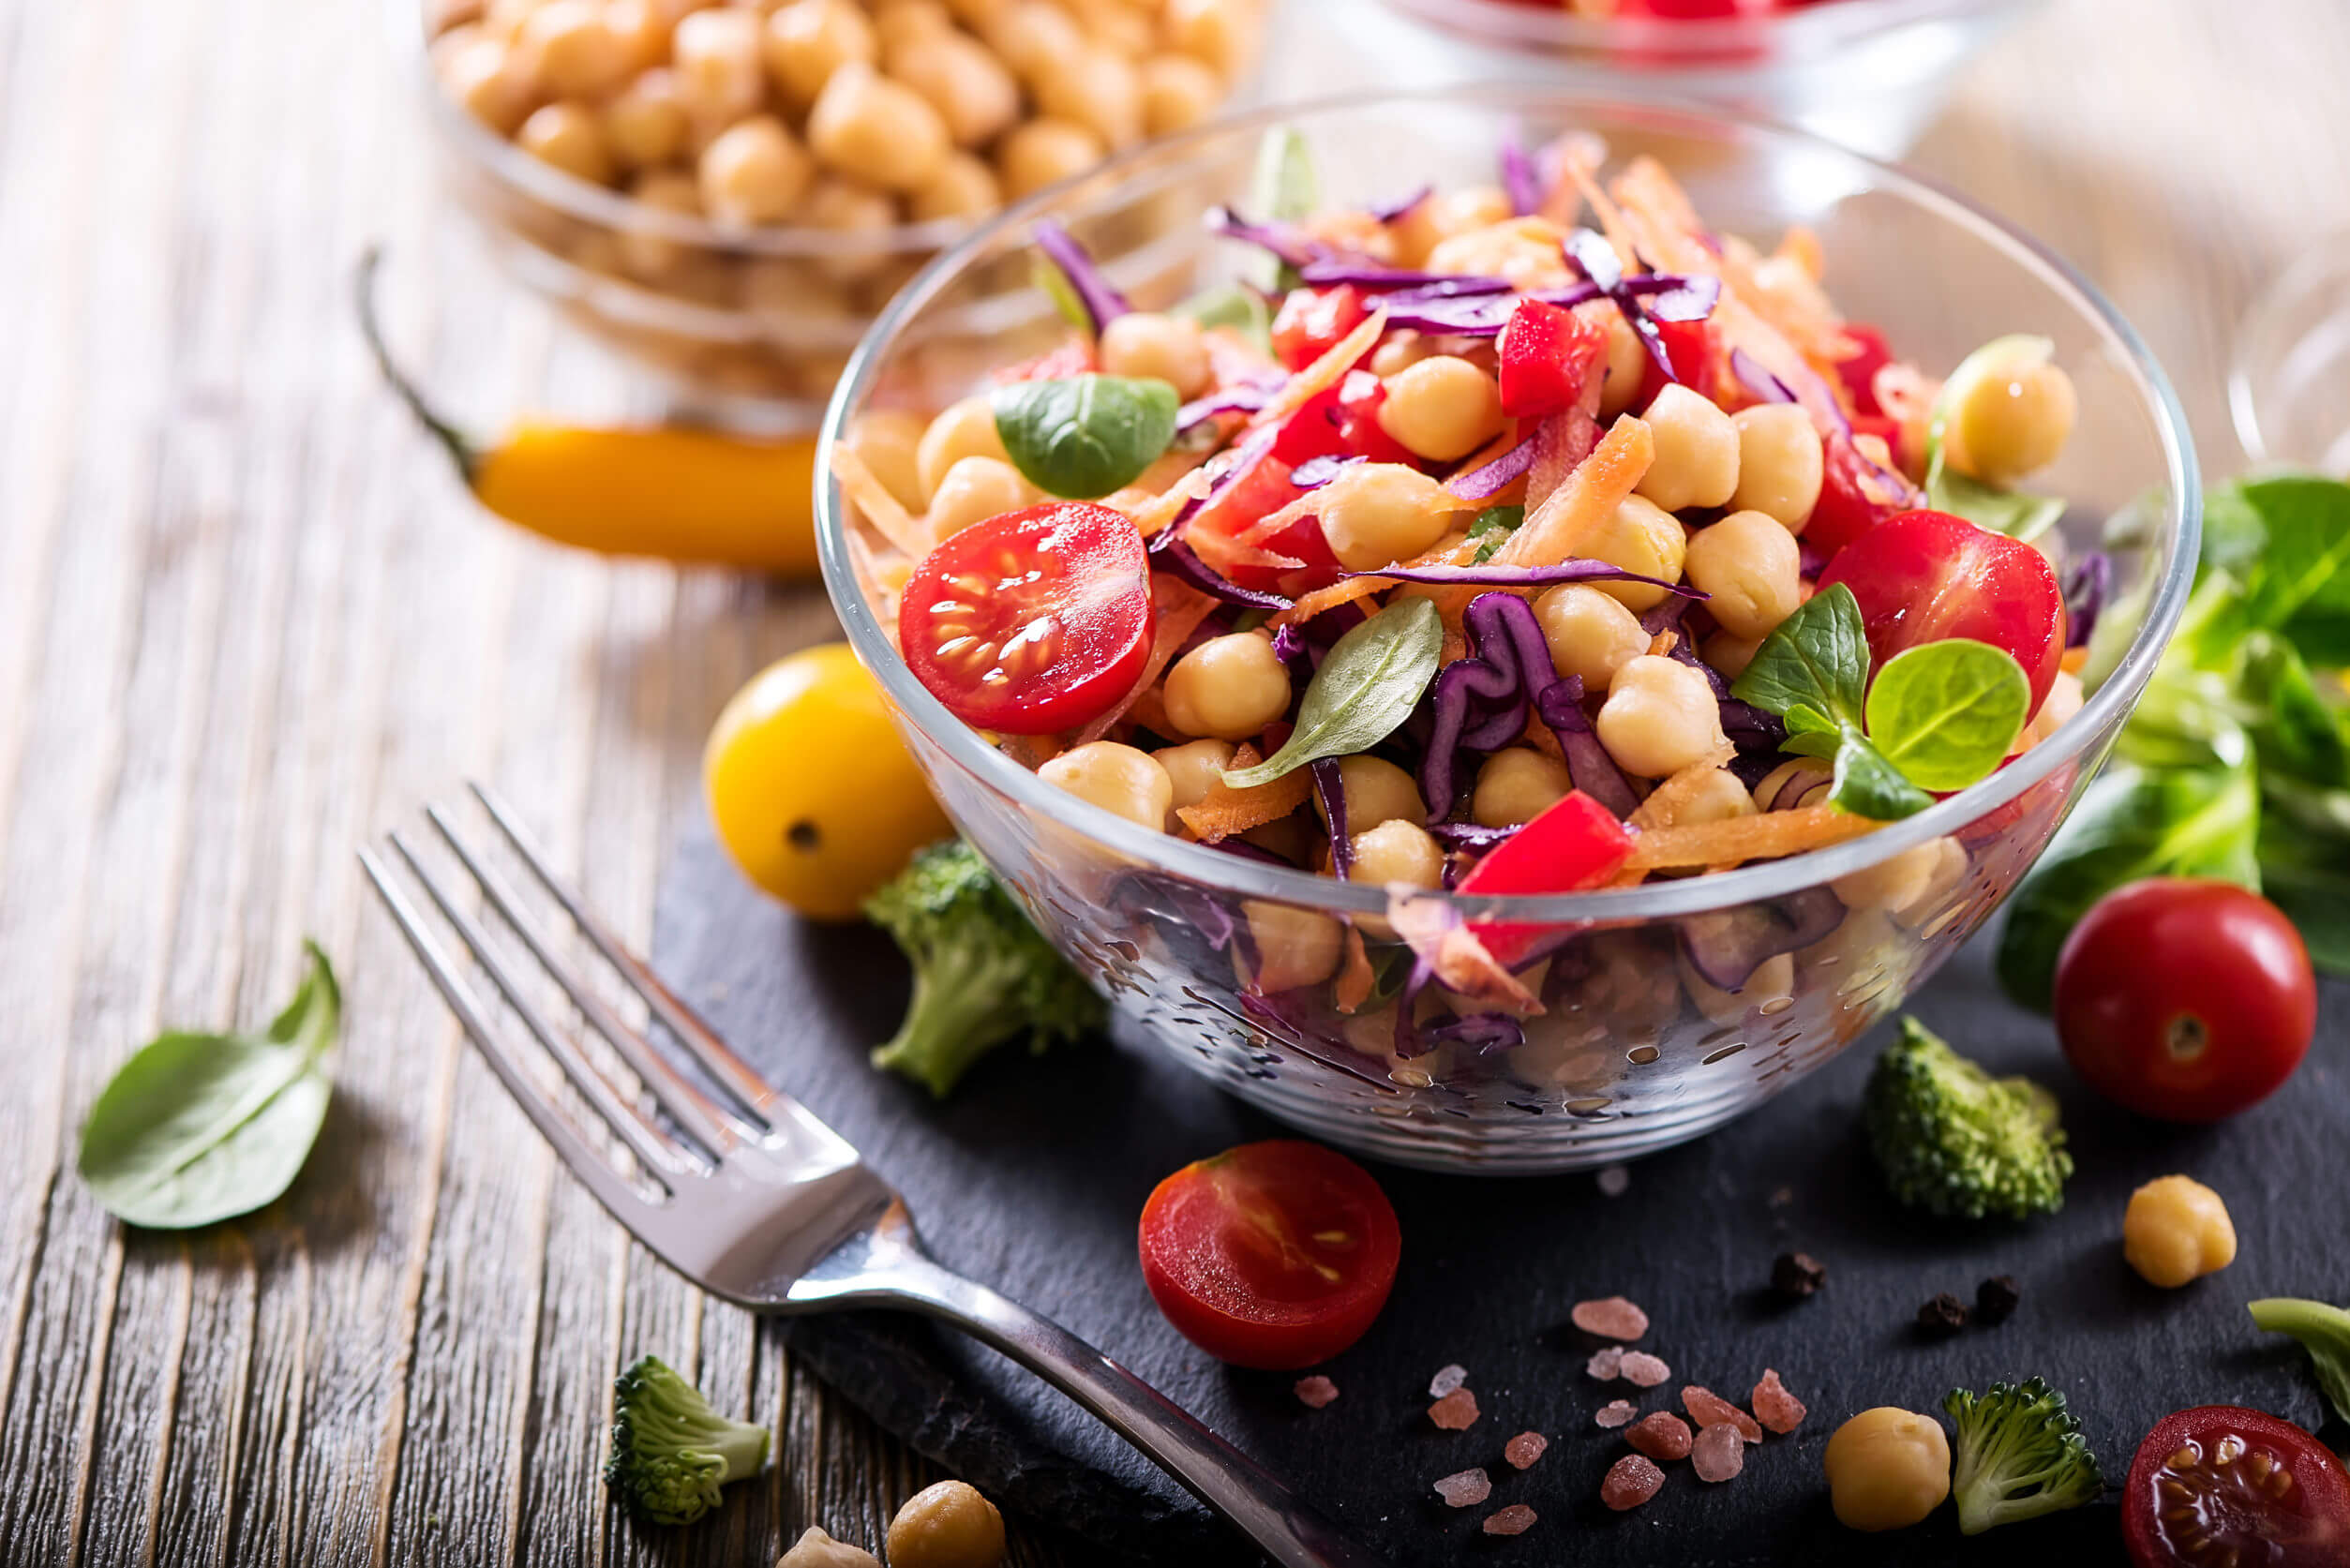 ¿Qué hace que una dieta sea buena?